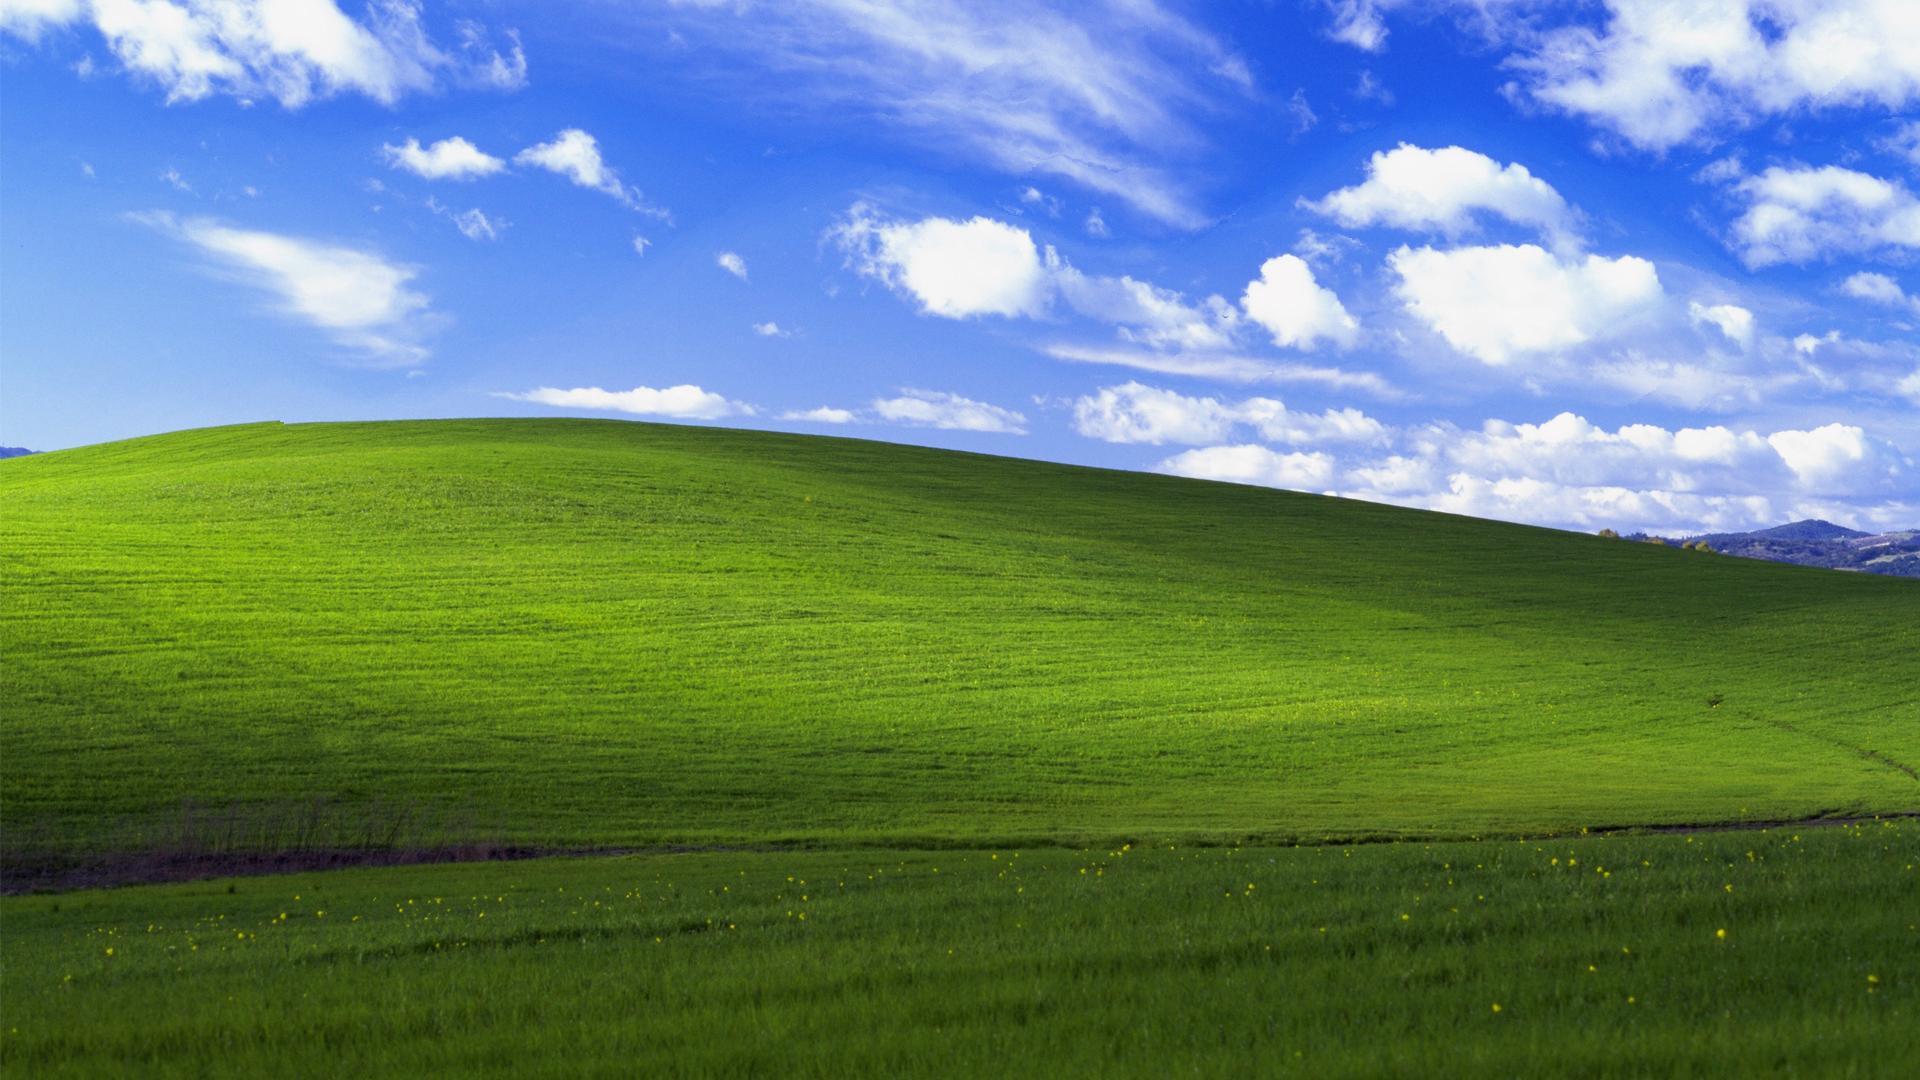 Windows XP n'est pas totalement mort : Microsoft sort une mise à jour